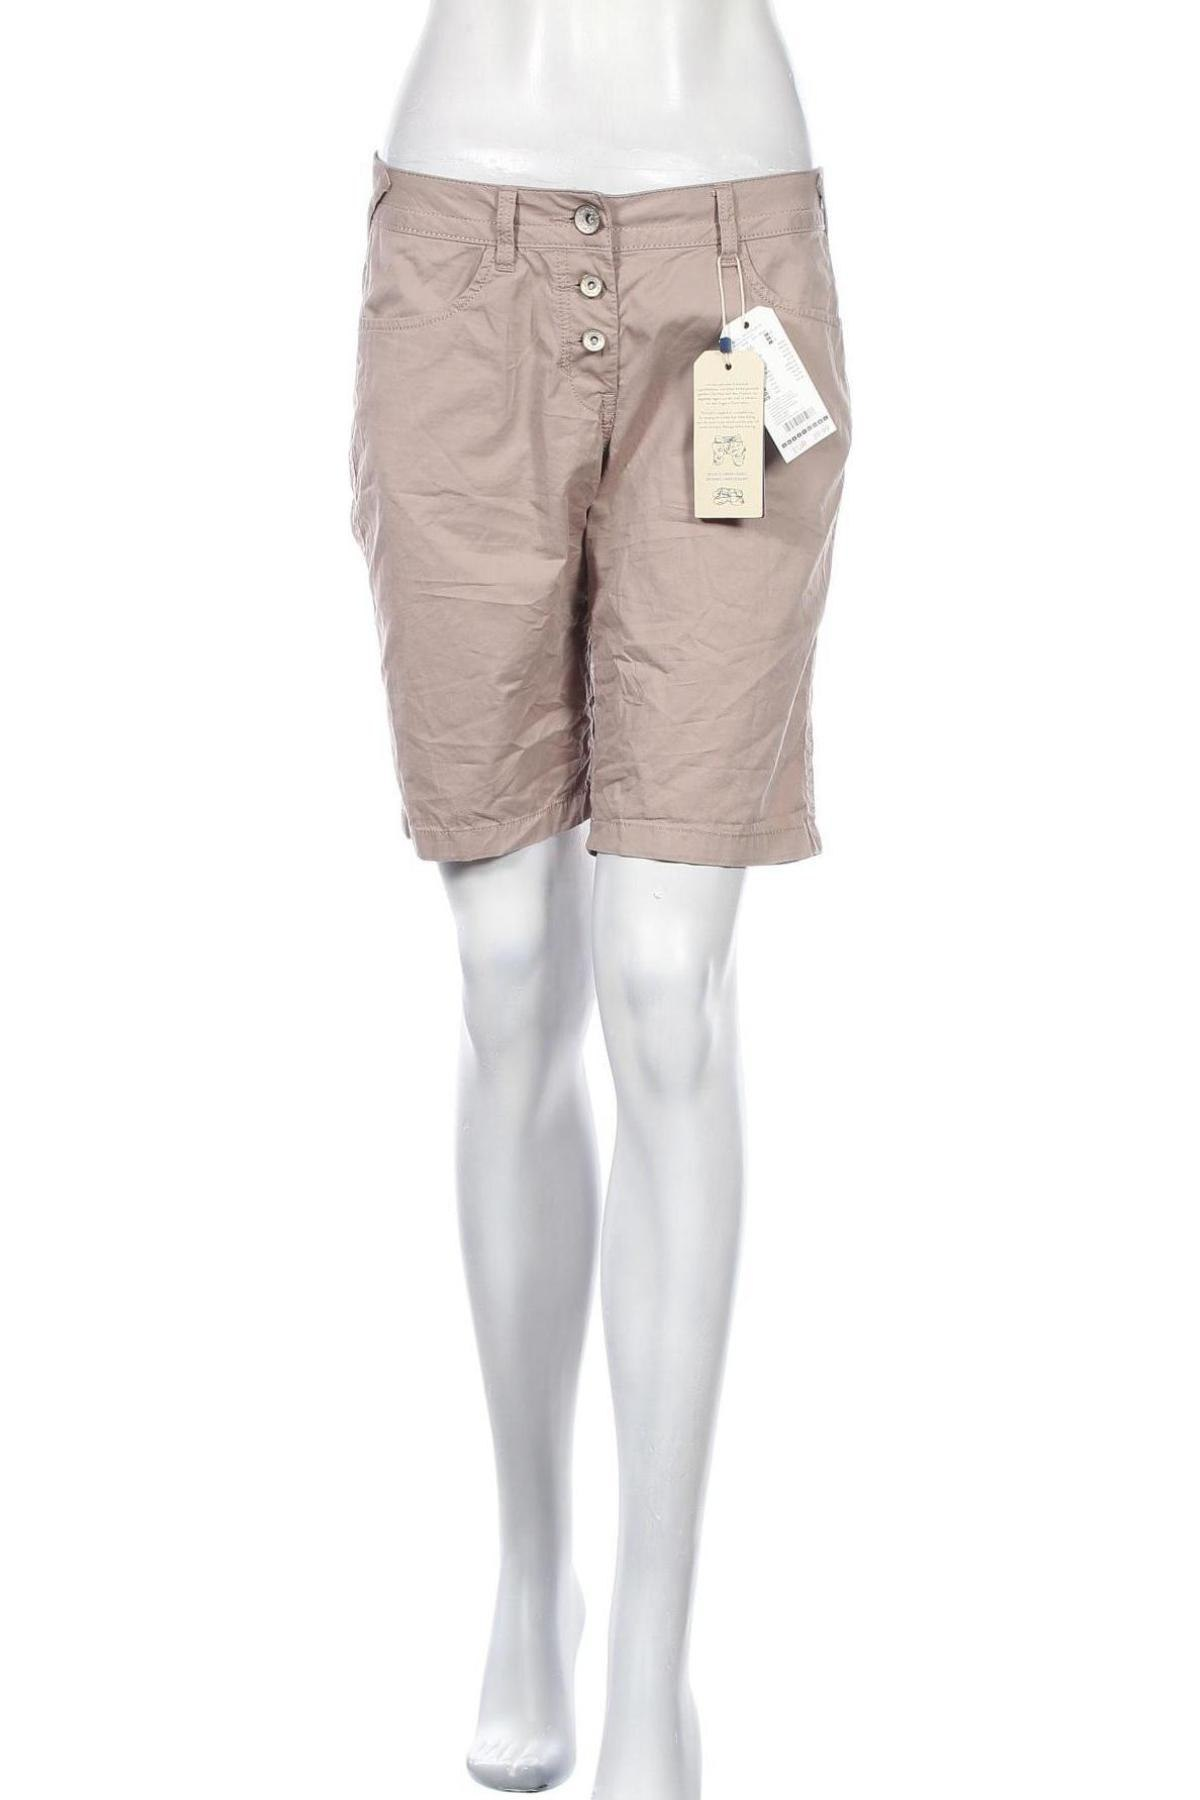 Γυναικείο κοντό παντελόνι Tom Tailor, Μέγεθος S, Χρώμα Ρόζ , Βαμβάκι, Τιμή 24,19€